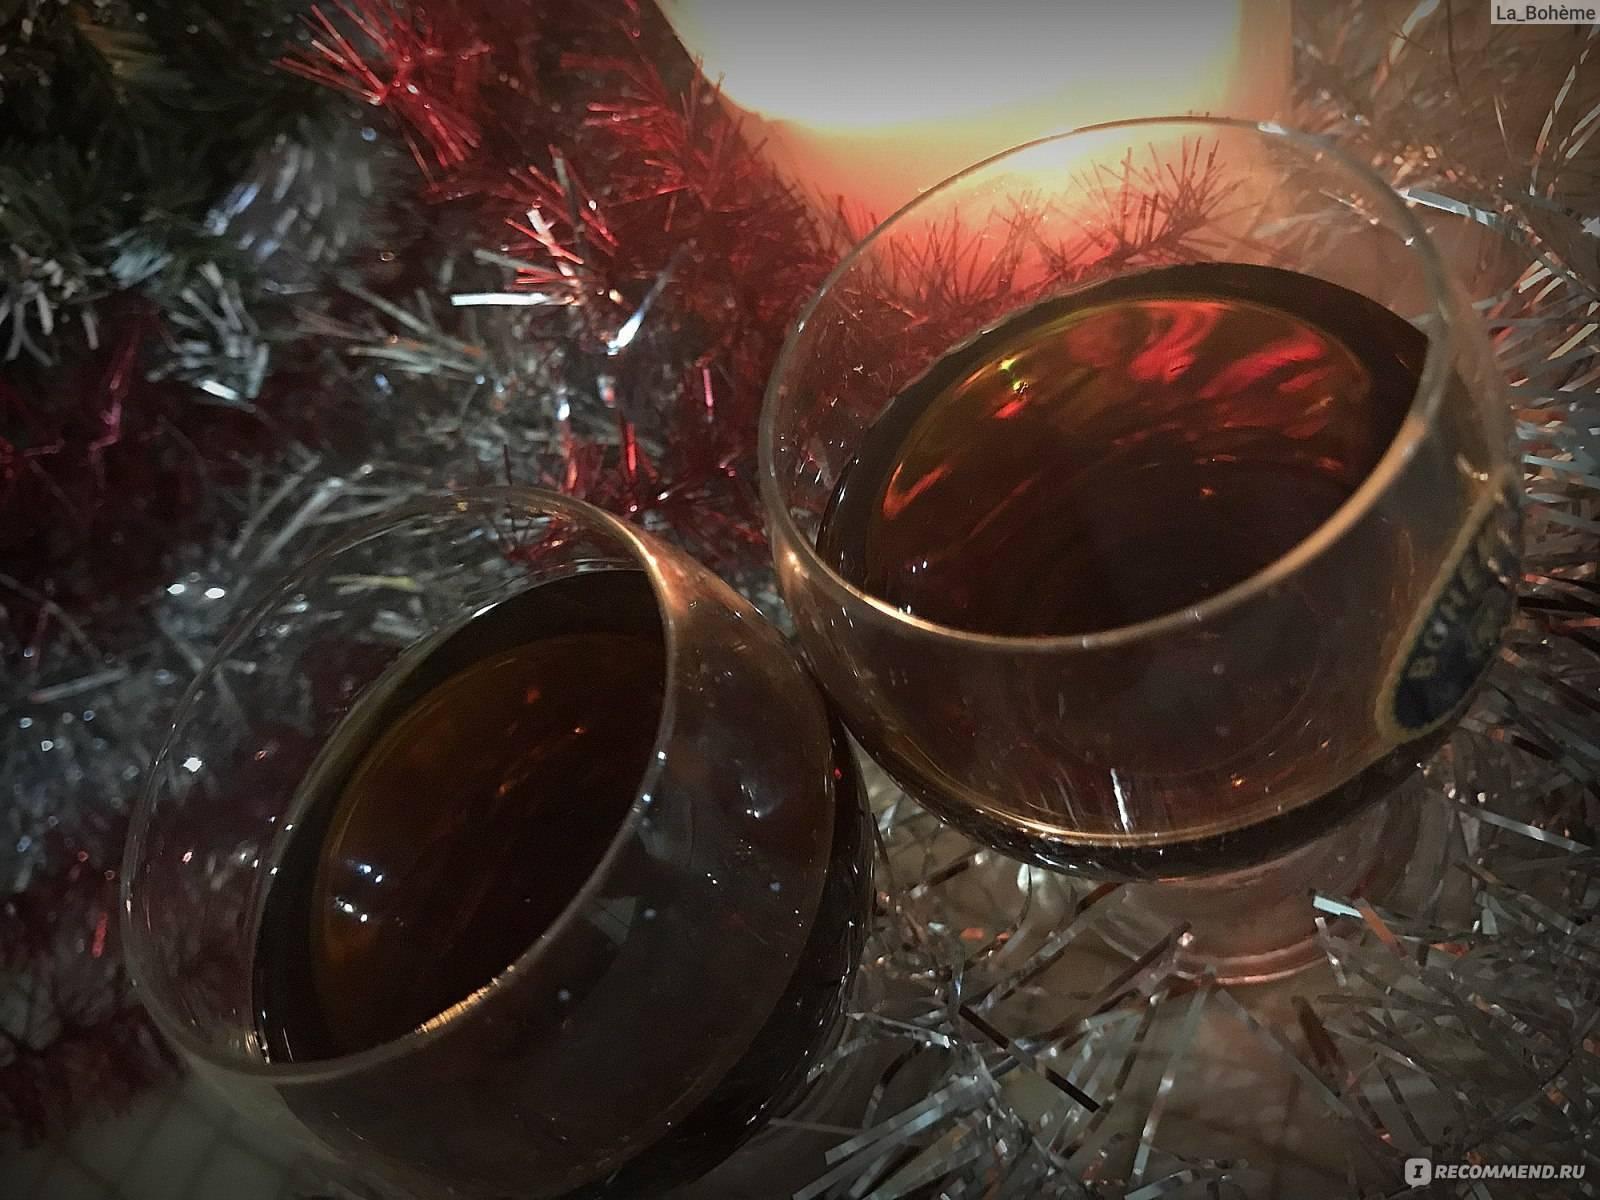 Ликер десертный тундра биттер | федеральный реестр алкогольной продукции | реестринформ 2020